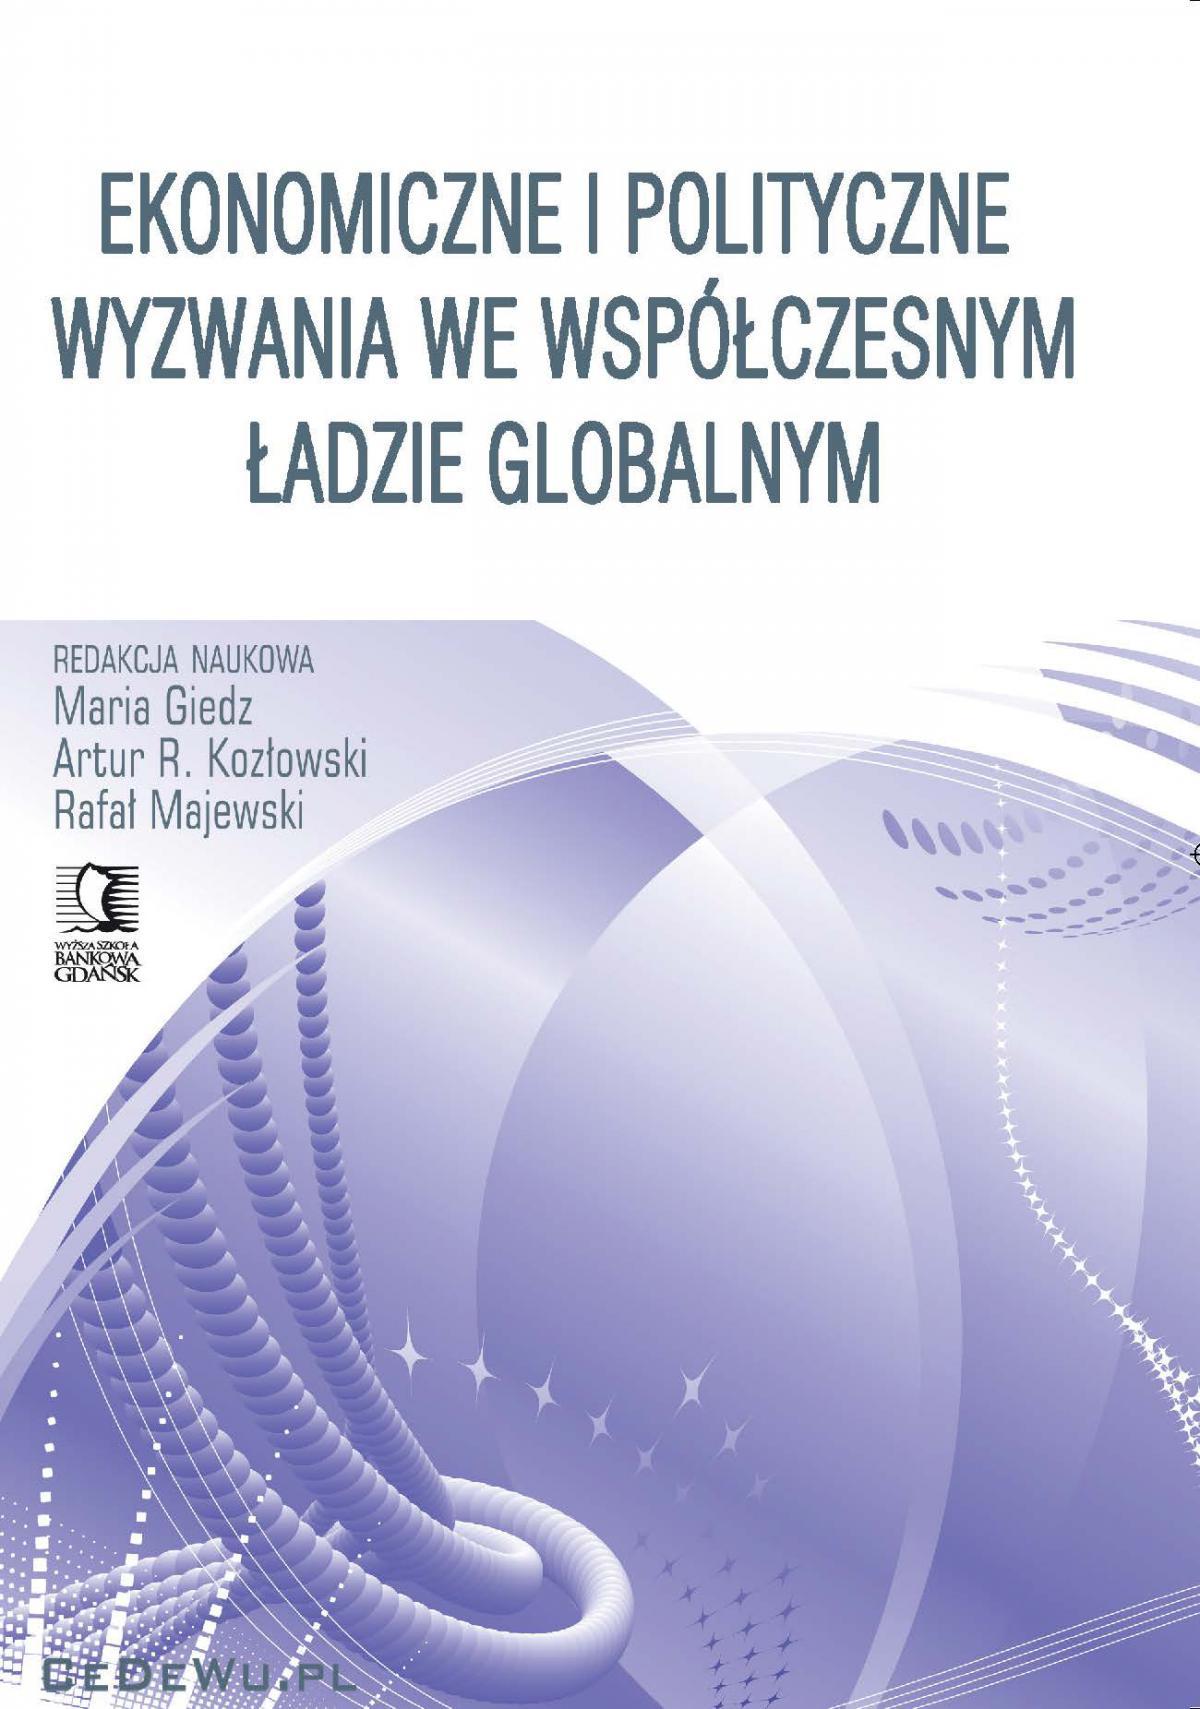 Ekonomiczne i polityczne wyzwania we współczesnym ładzie globalnym - Ebook (Książka PDF) do pobrania w formacie PDF